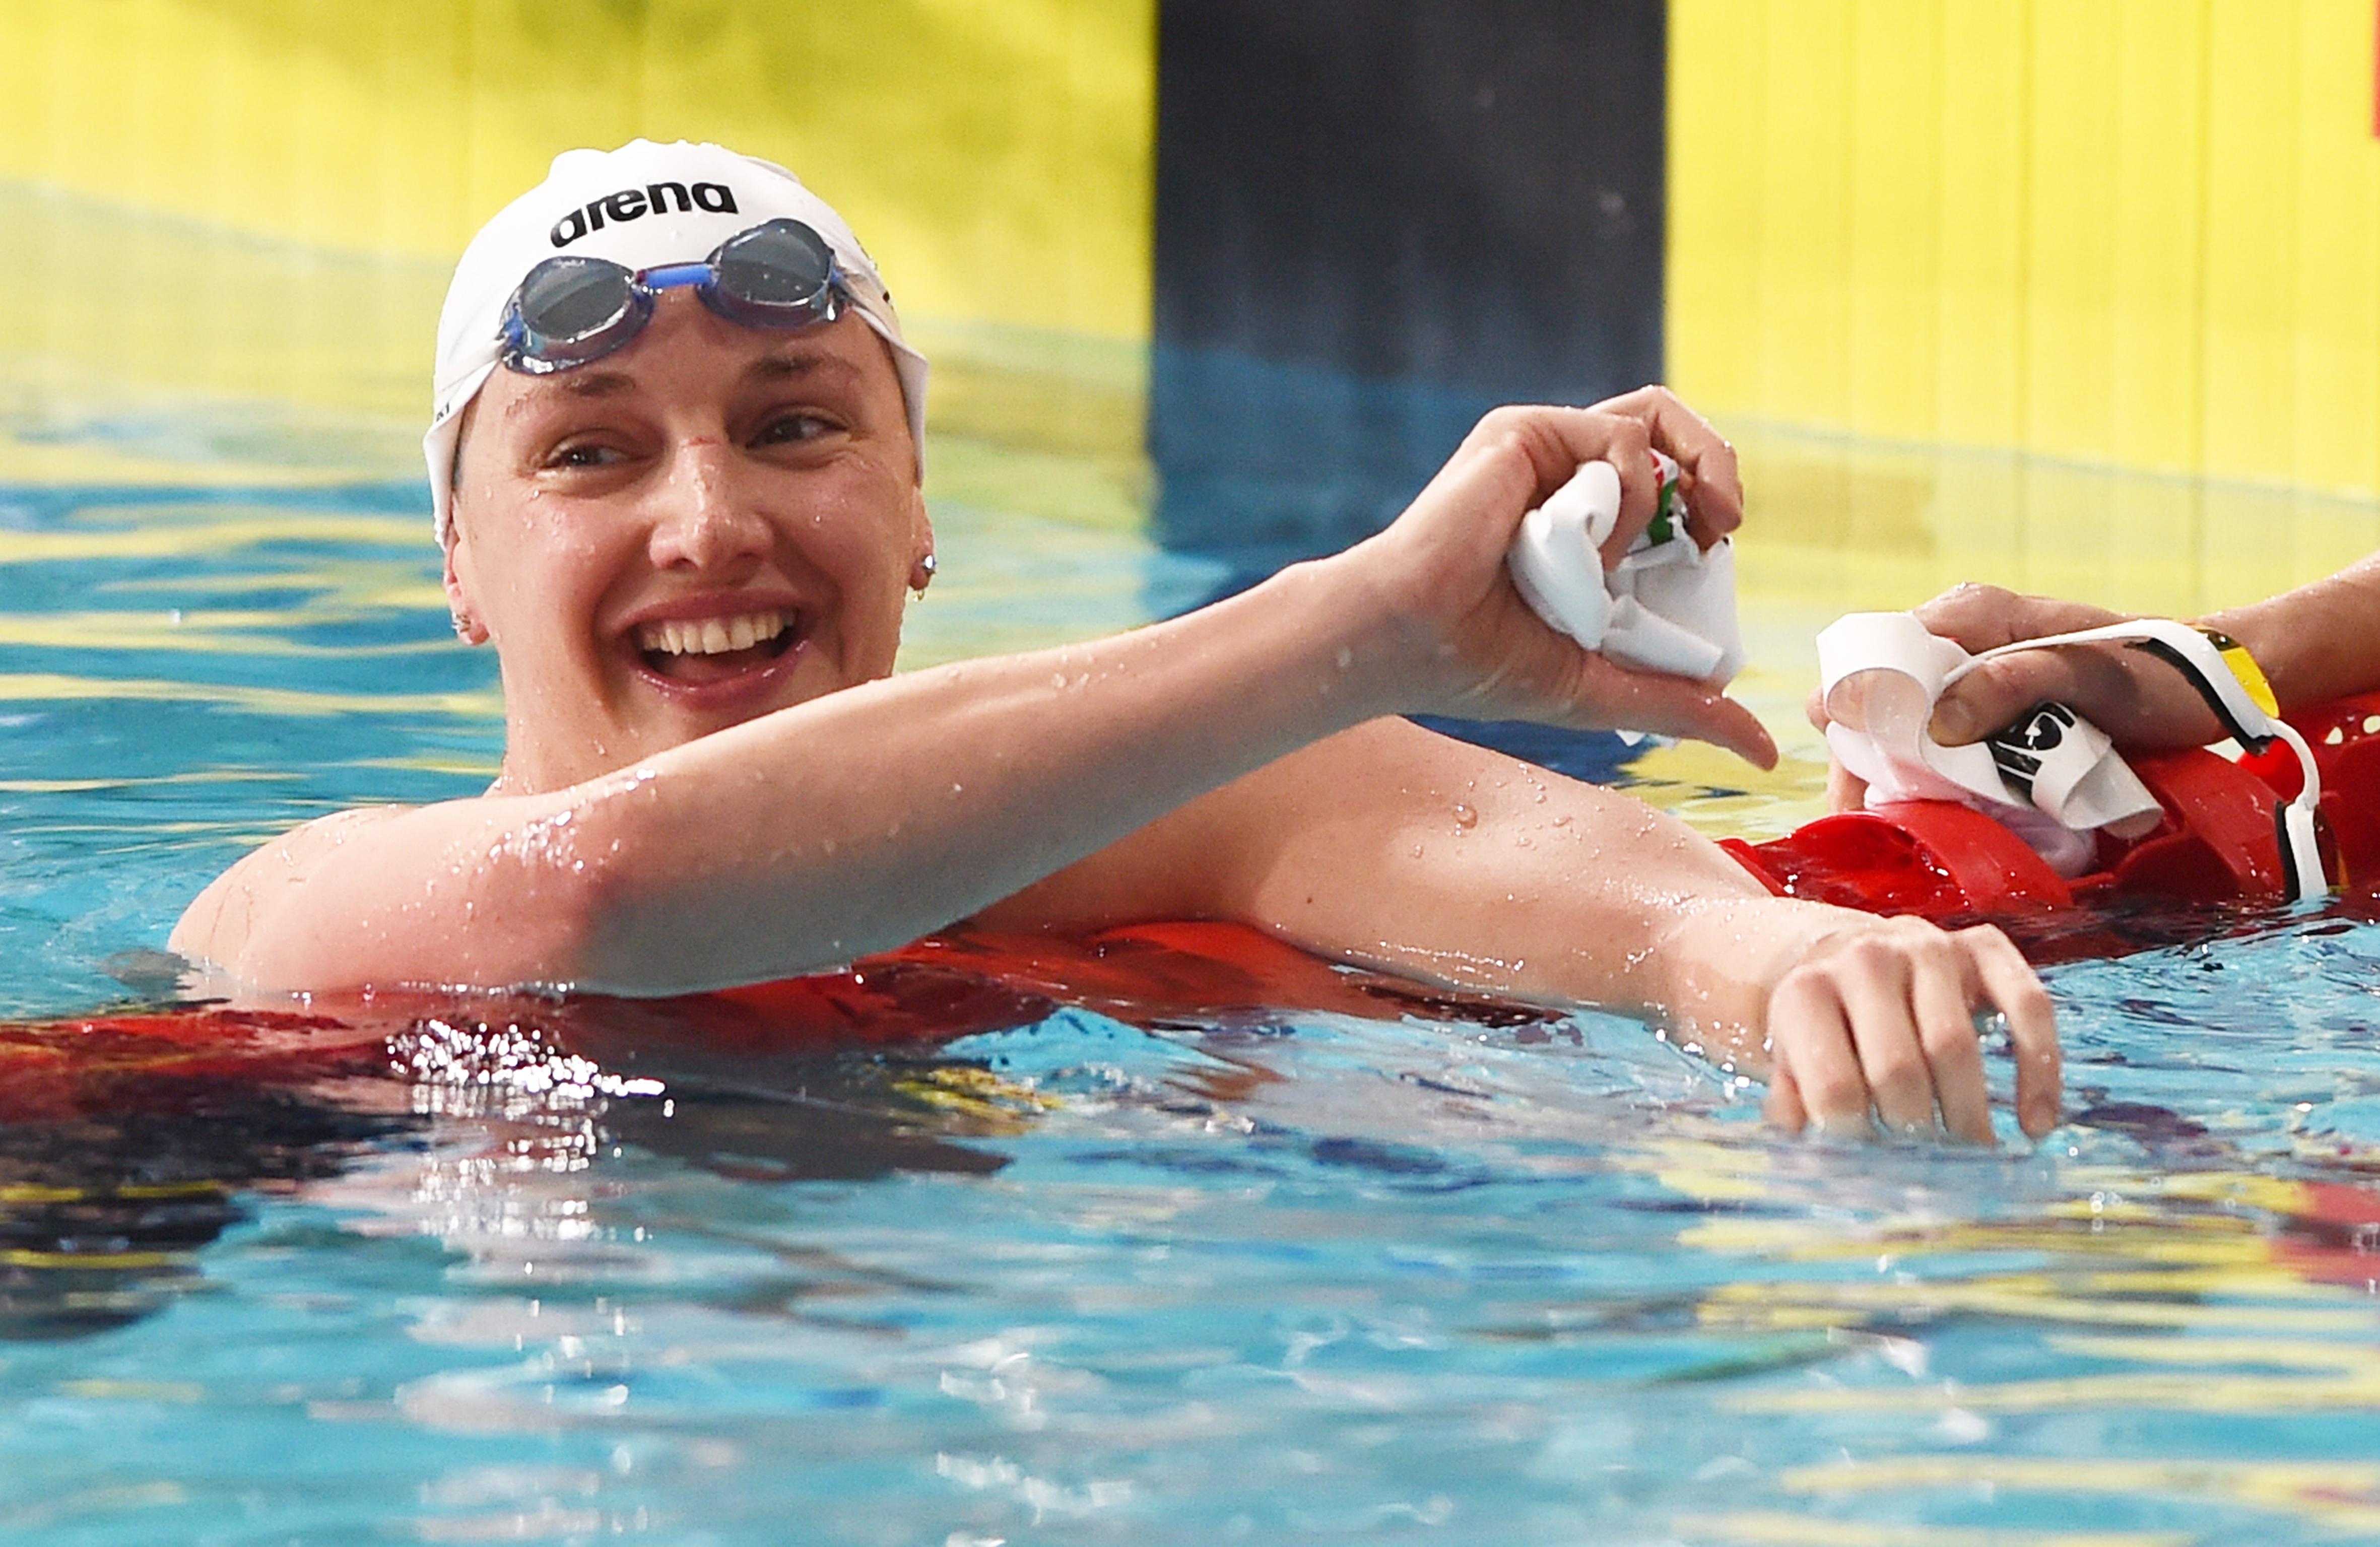 Hosszú Katinka szállította a magyar úszósport történetének 1000. érmét